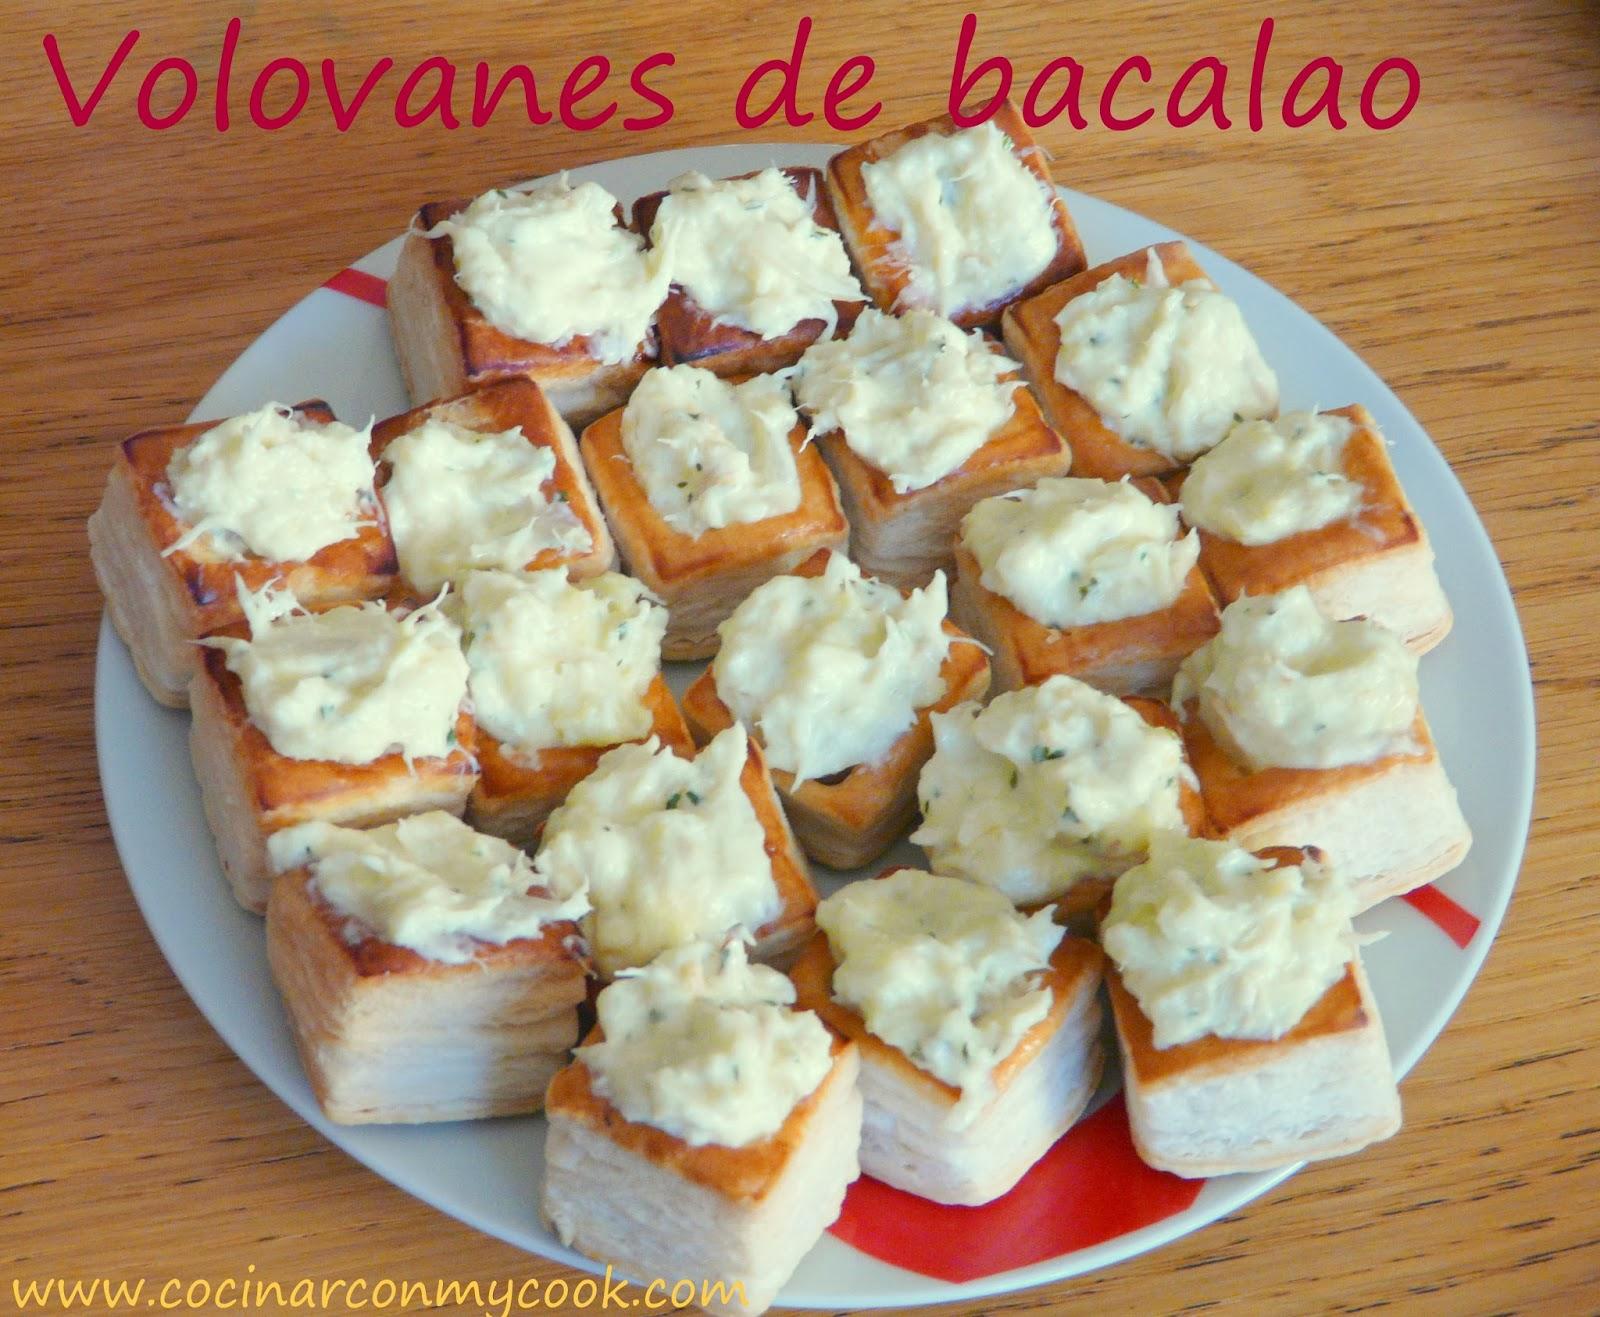 Cocinar con mycook volovanes de bacalao for Cocinar cocochas de bacalao